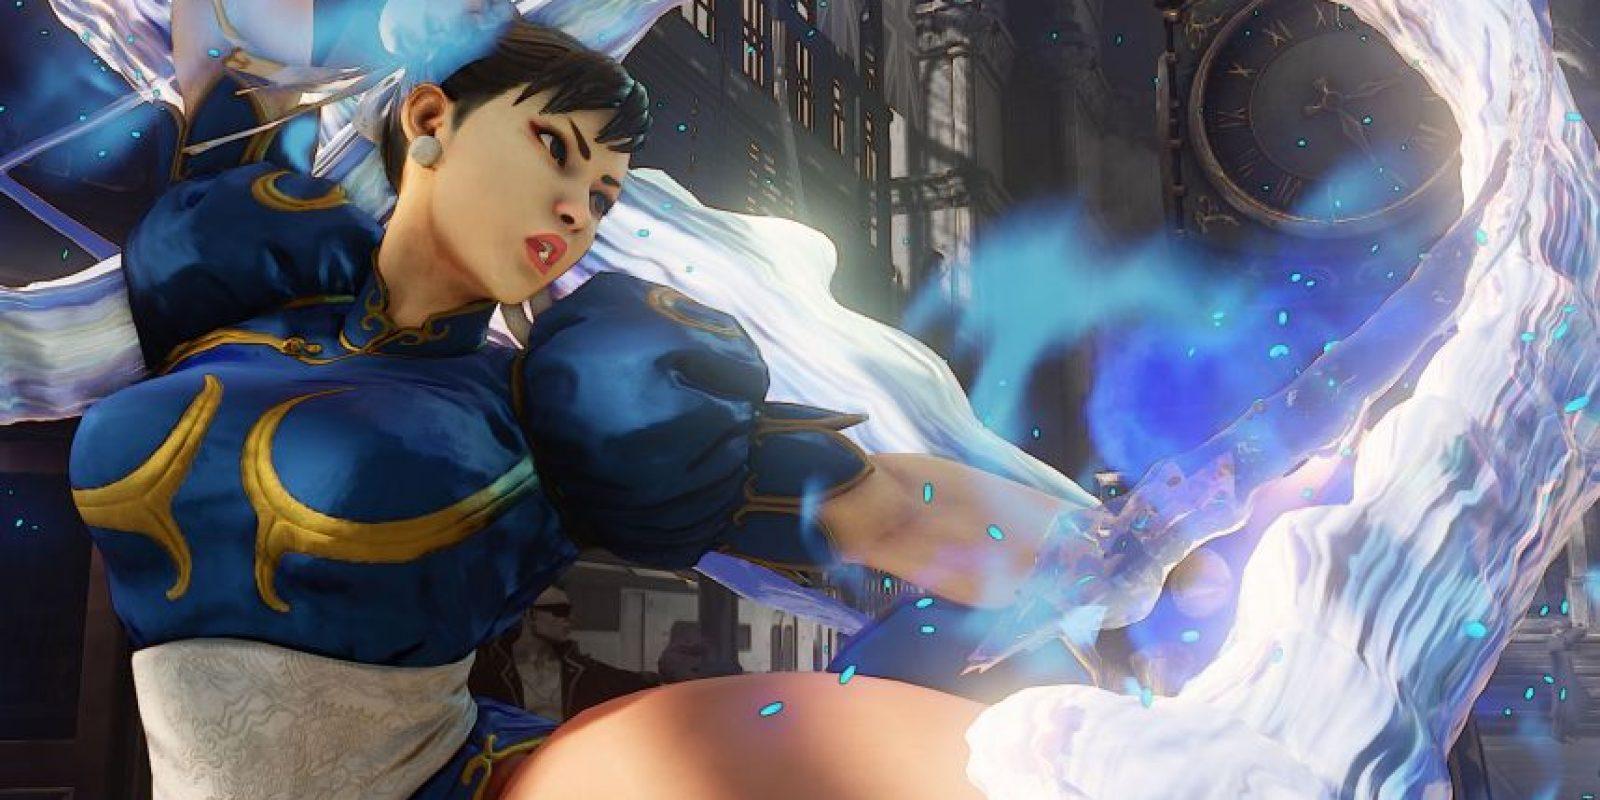 Chun-Li lanzando una patada en una imagen promocional de Street Fighter V. Foto:streetfighter.com